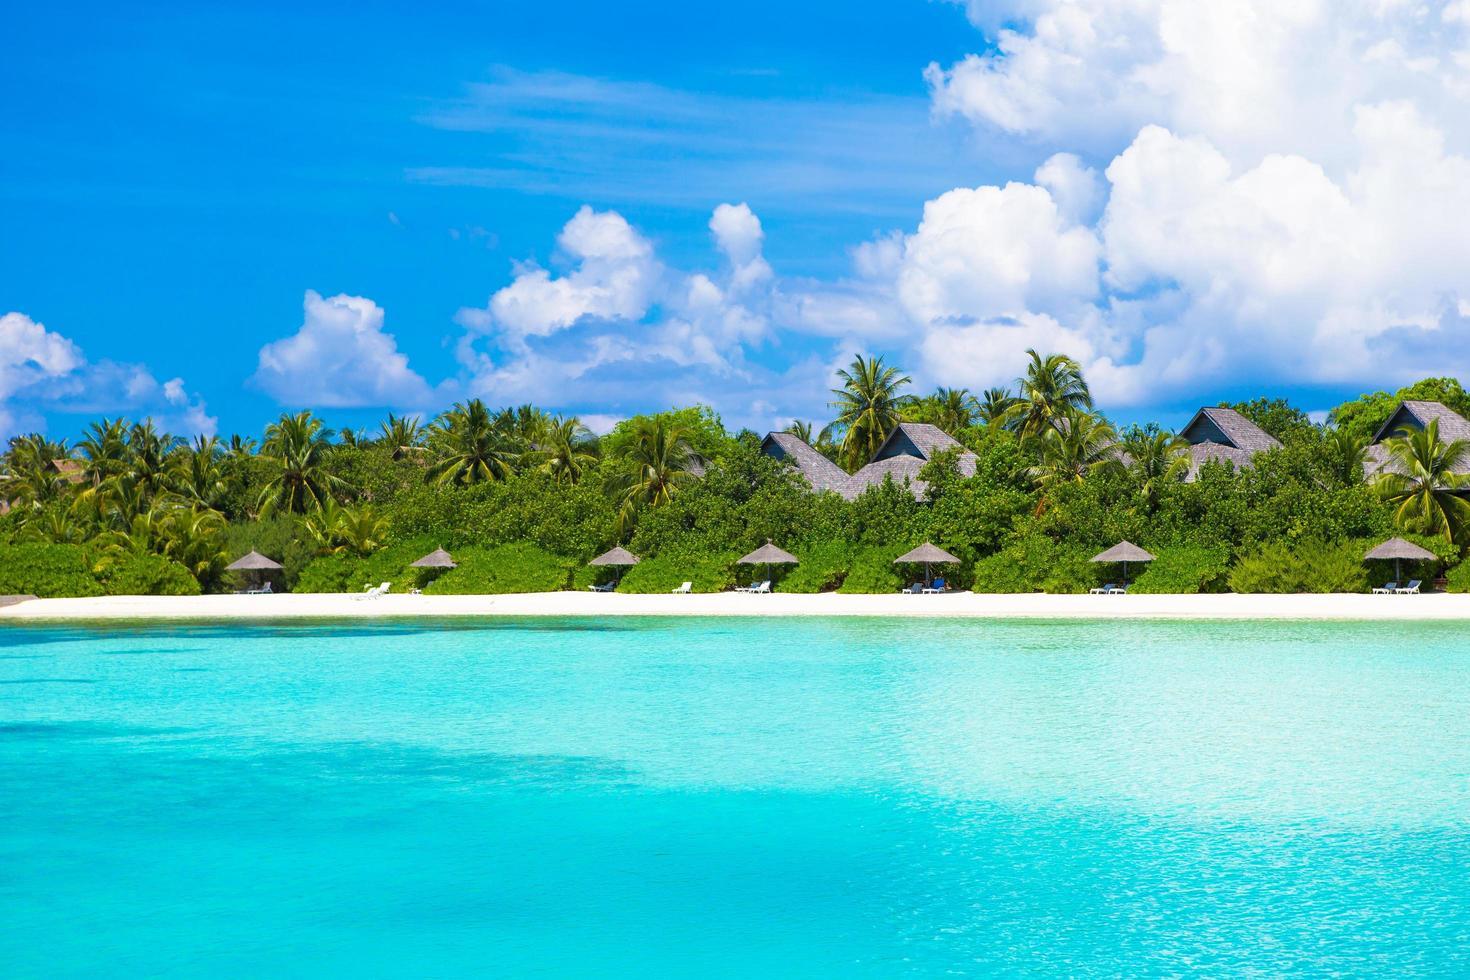 Malediven, Südasien, 2020 - Resort auf einer tropischen Insel foto